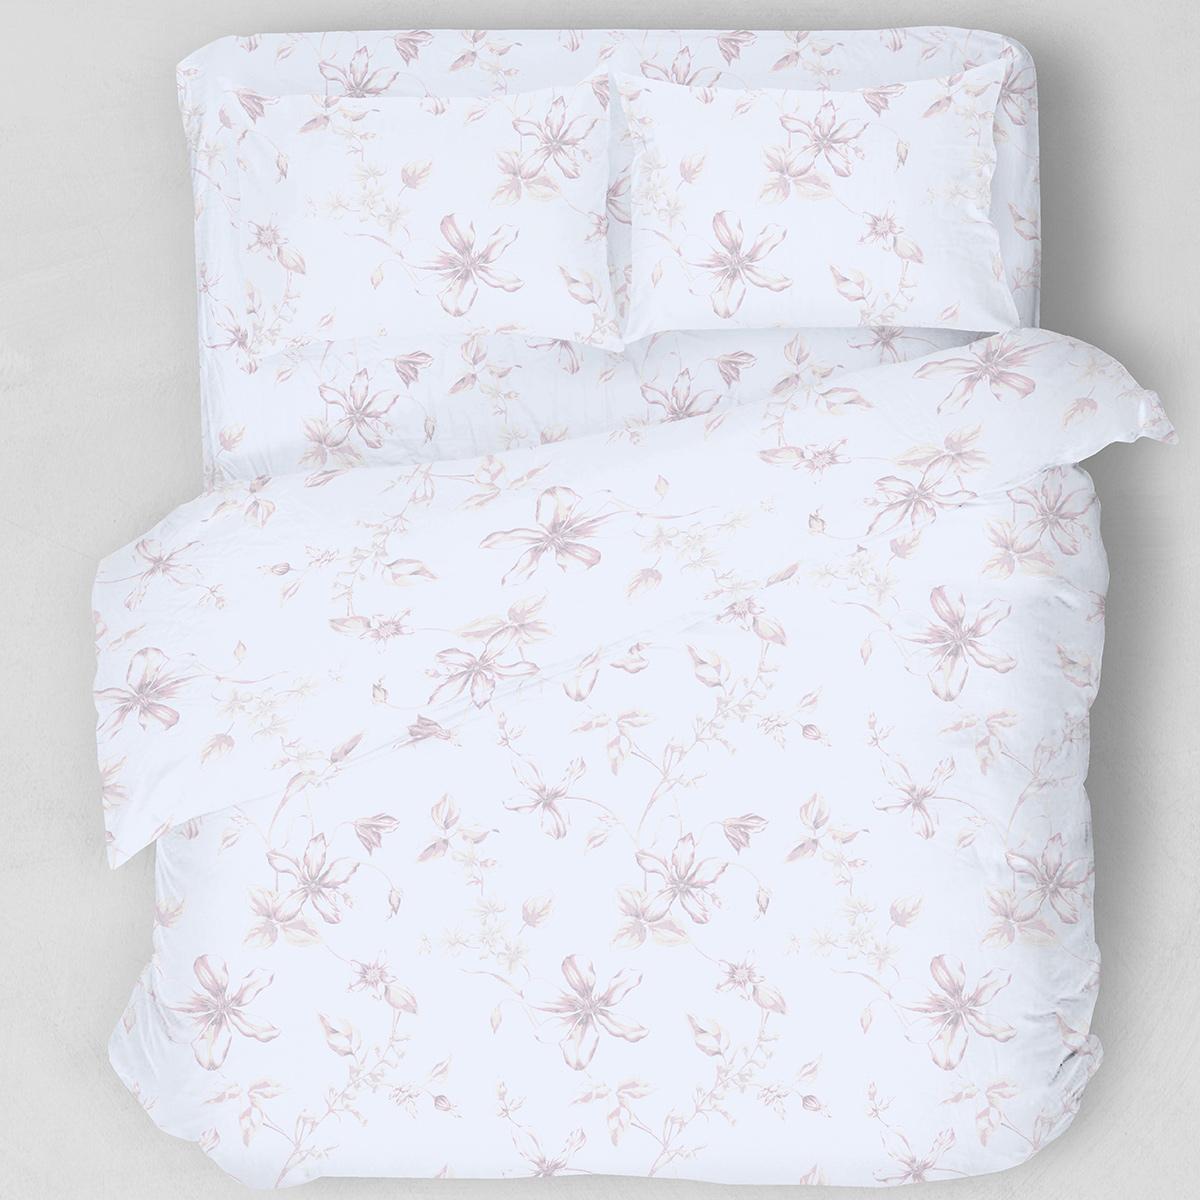 Σεντόνια Υπέρδιπλα (Σετ) Melinen Flowers Pink ΜΕ ΛΑΣΤΙΧΟ 160×200+32 ΜΕ ΛΑΣΤΙΧΟ 160×200+32